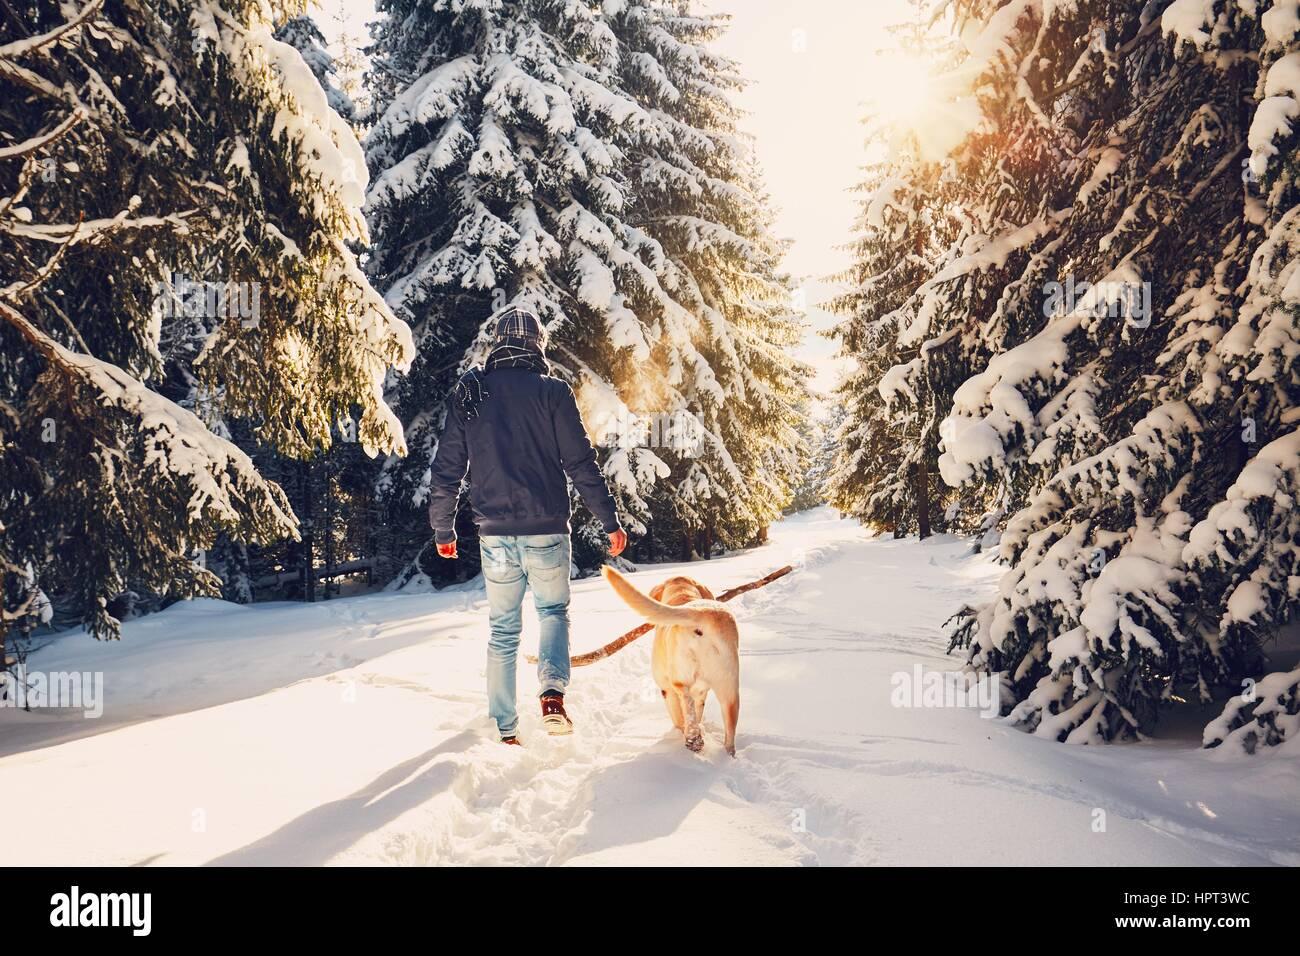 Reise nach Winter Natur. Junger Mann in warme Kleidung ist mit seinem Labrador im verschneiten Wald Fuß. Stockbild